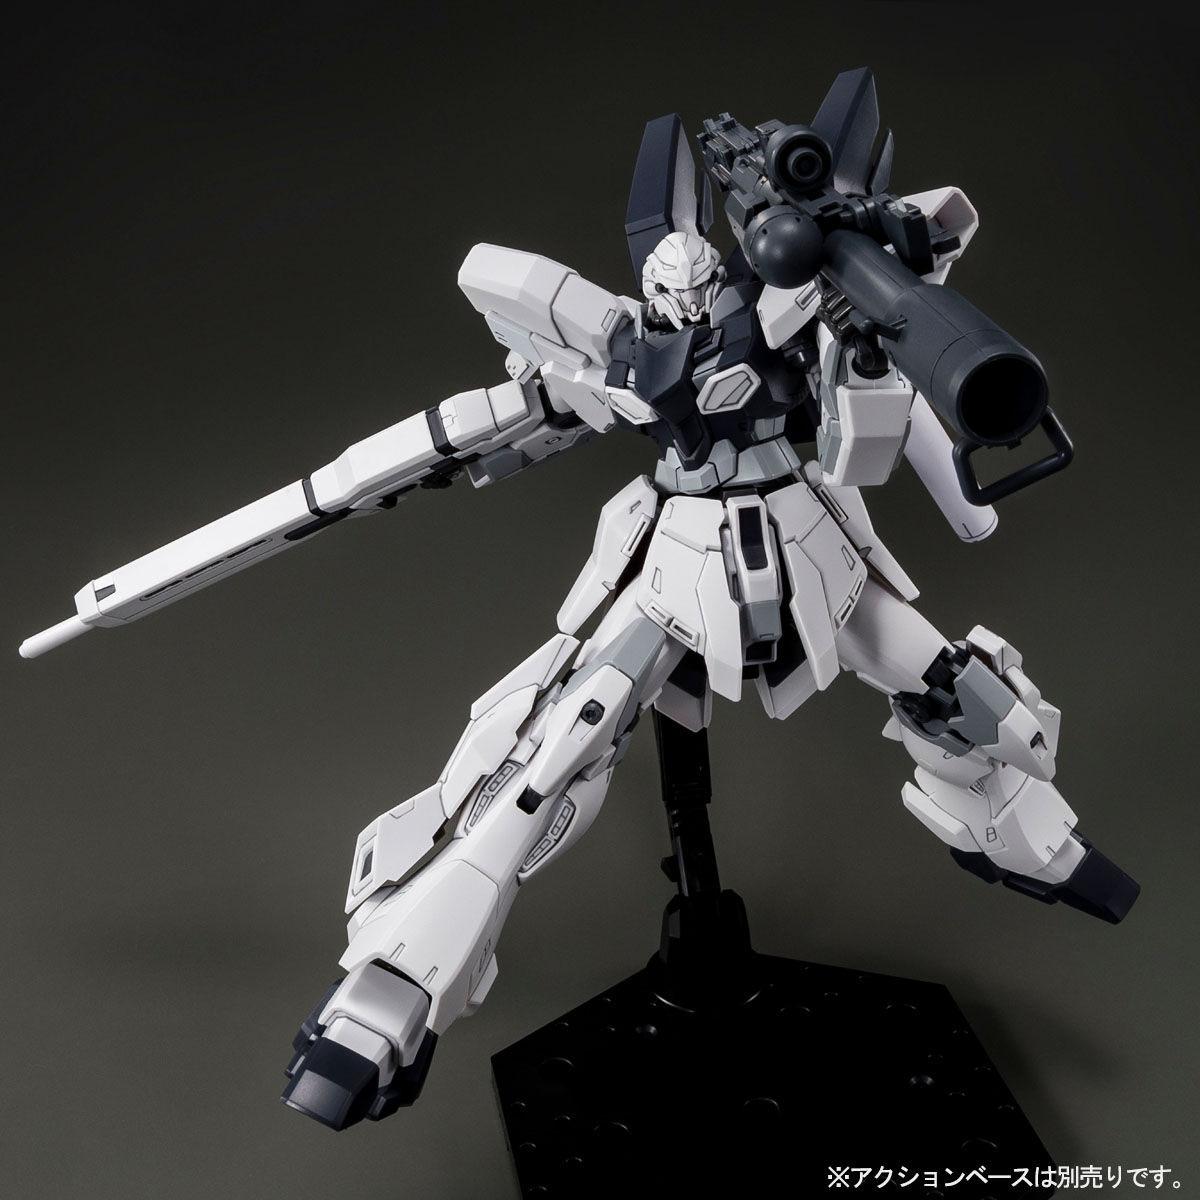 【限定販売】HG 1/144『シナンジュ・スタイン(ユニコーンVer.)』ガンダムUC プラモデル-005